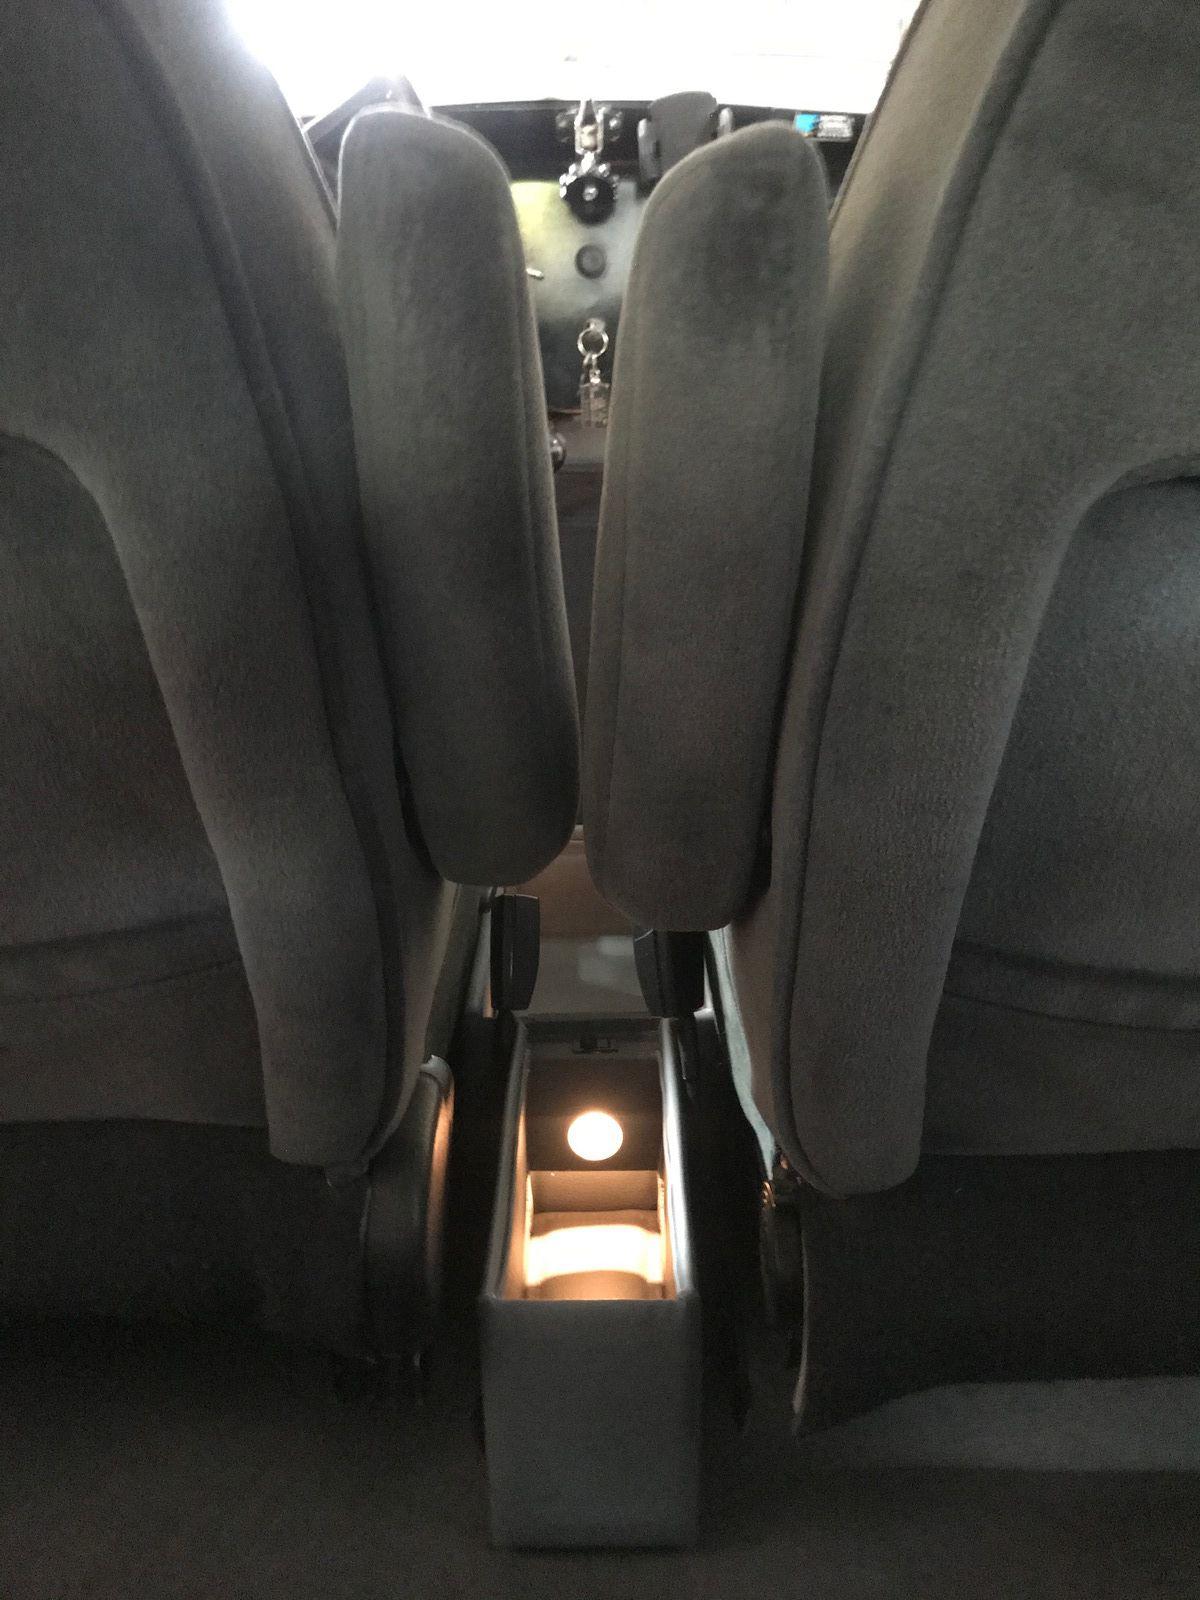 Vide poche entre sièges avant poche entre siège avant et bouteille et verres